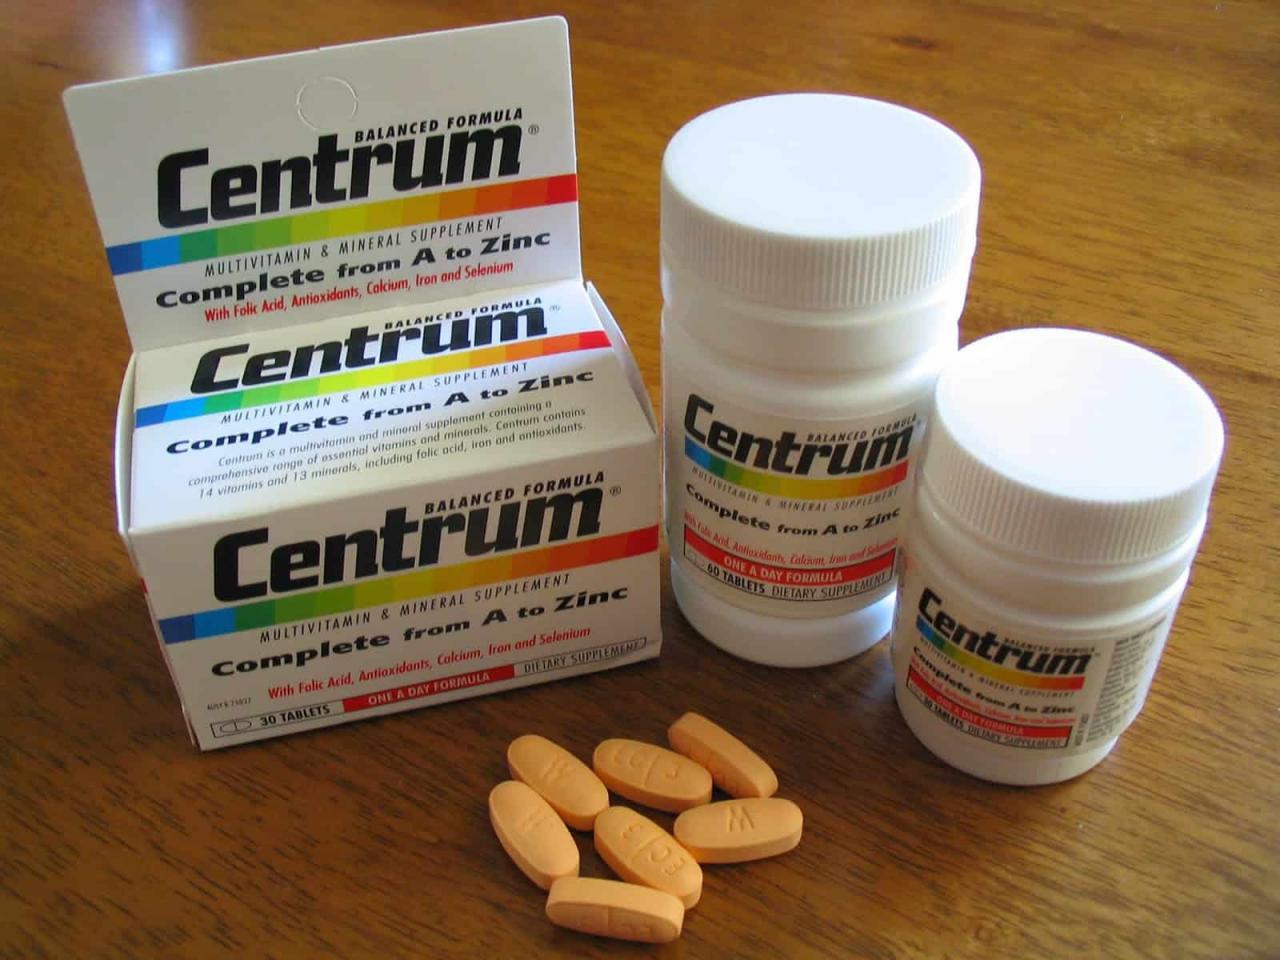 صورة فوائد فيتامين سنتروم , تعرف علي سنتروم وفوائدها